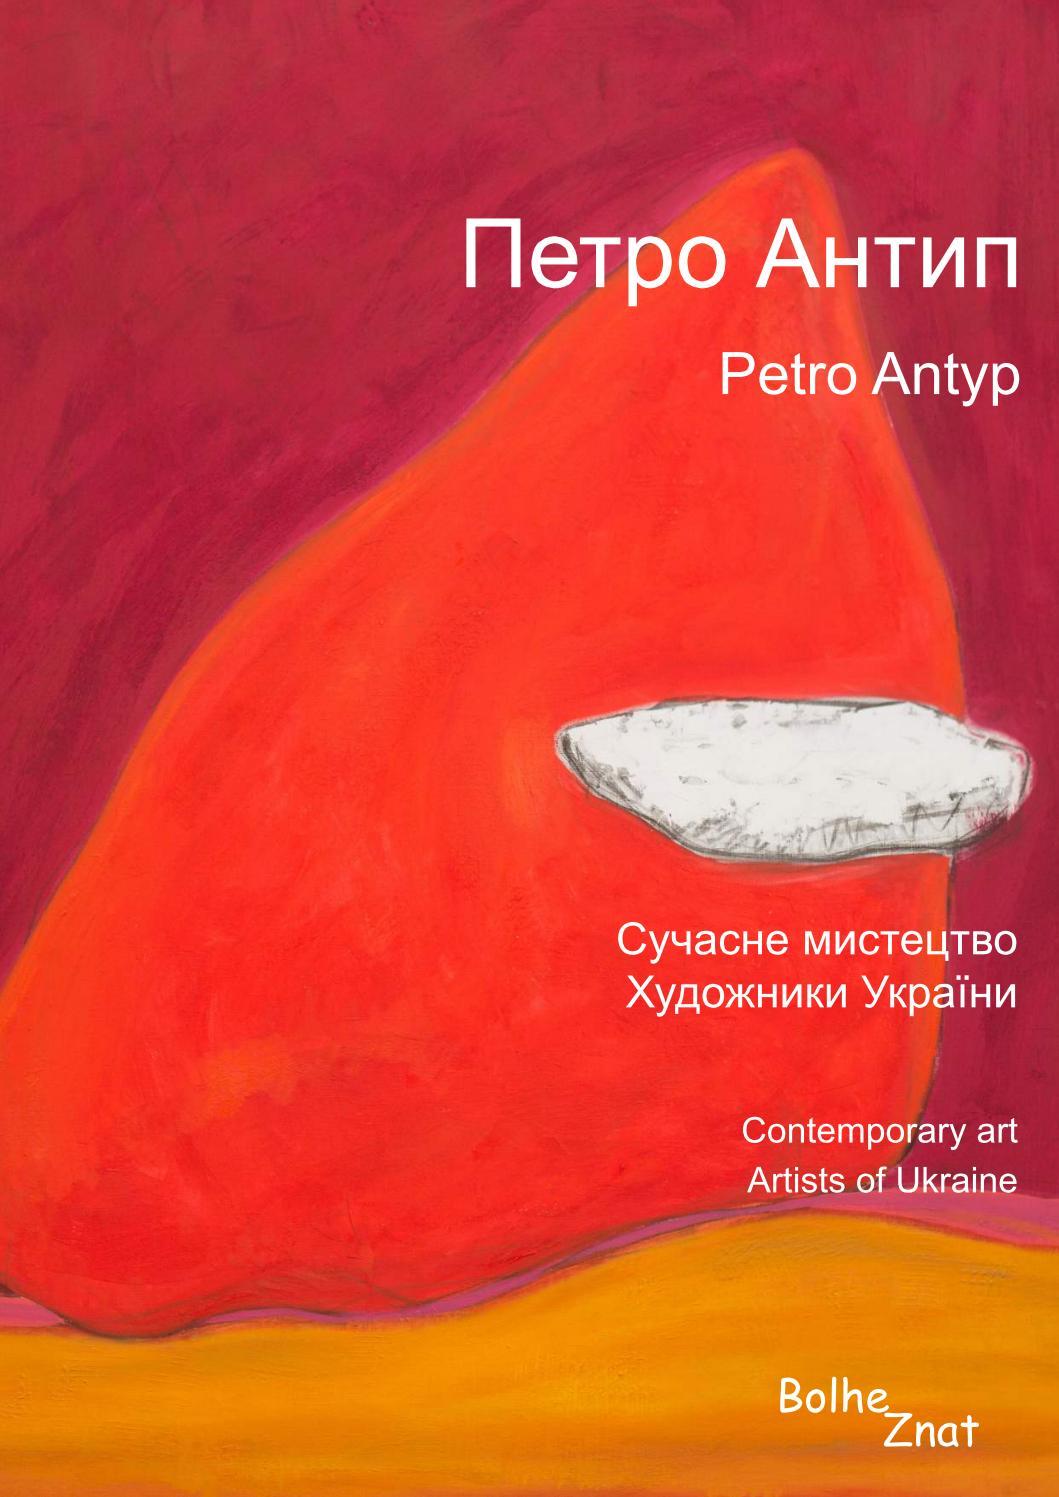 Петро Антип. Petro Antyp.